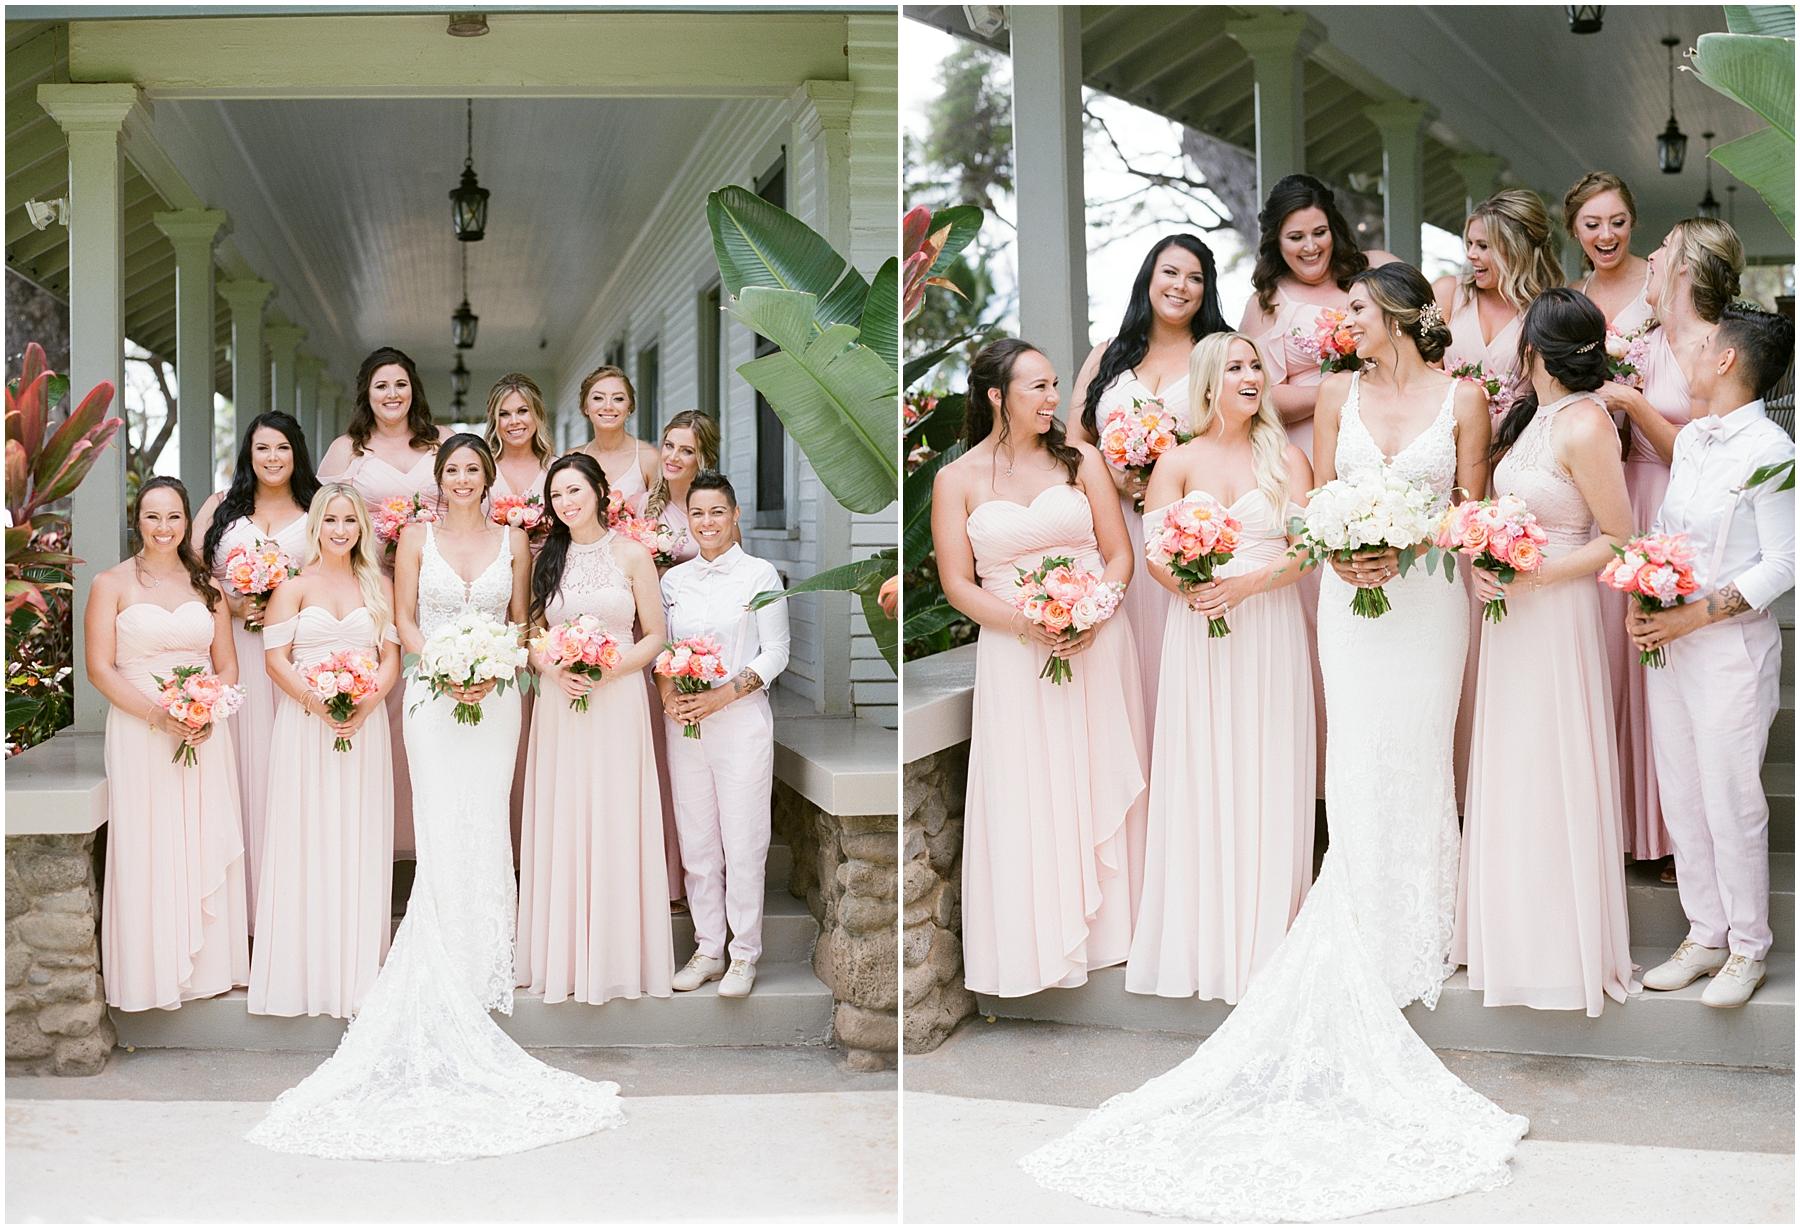 Olowalu-plantation-house-maui-hawaii-wedding-84.jpg